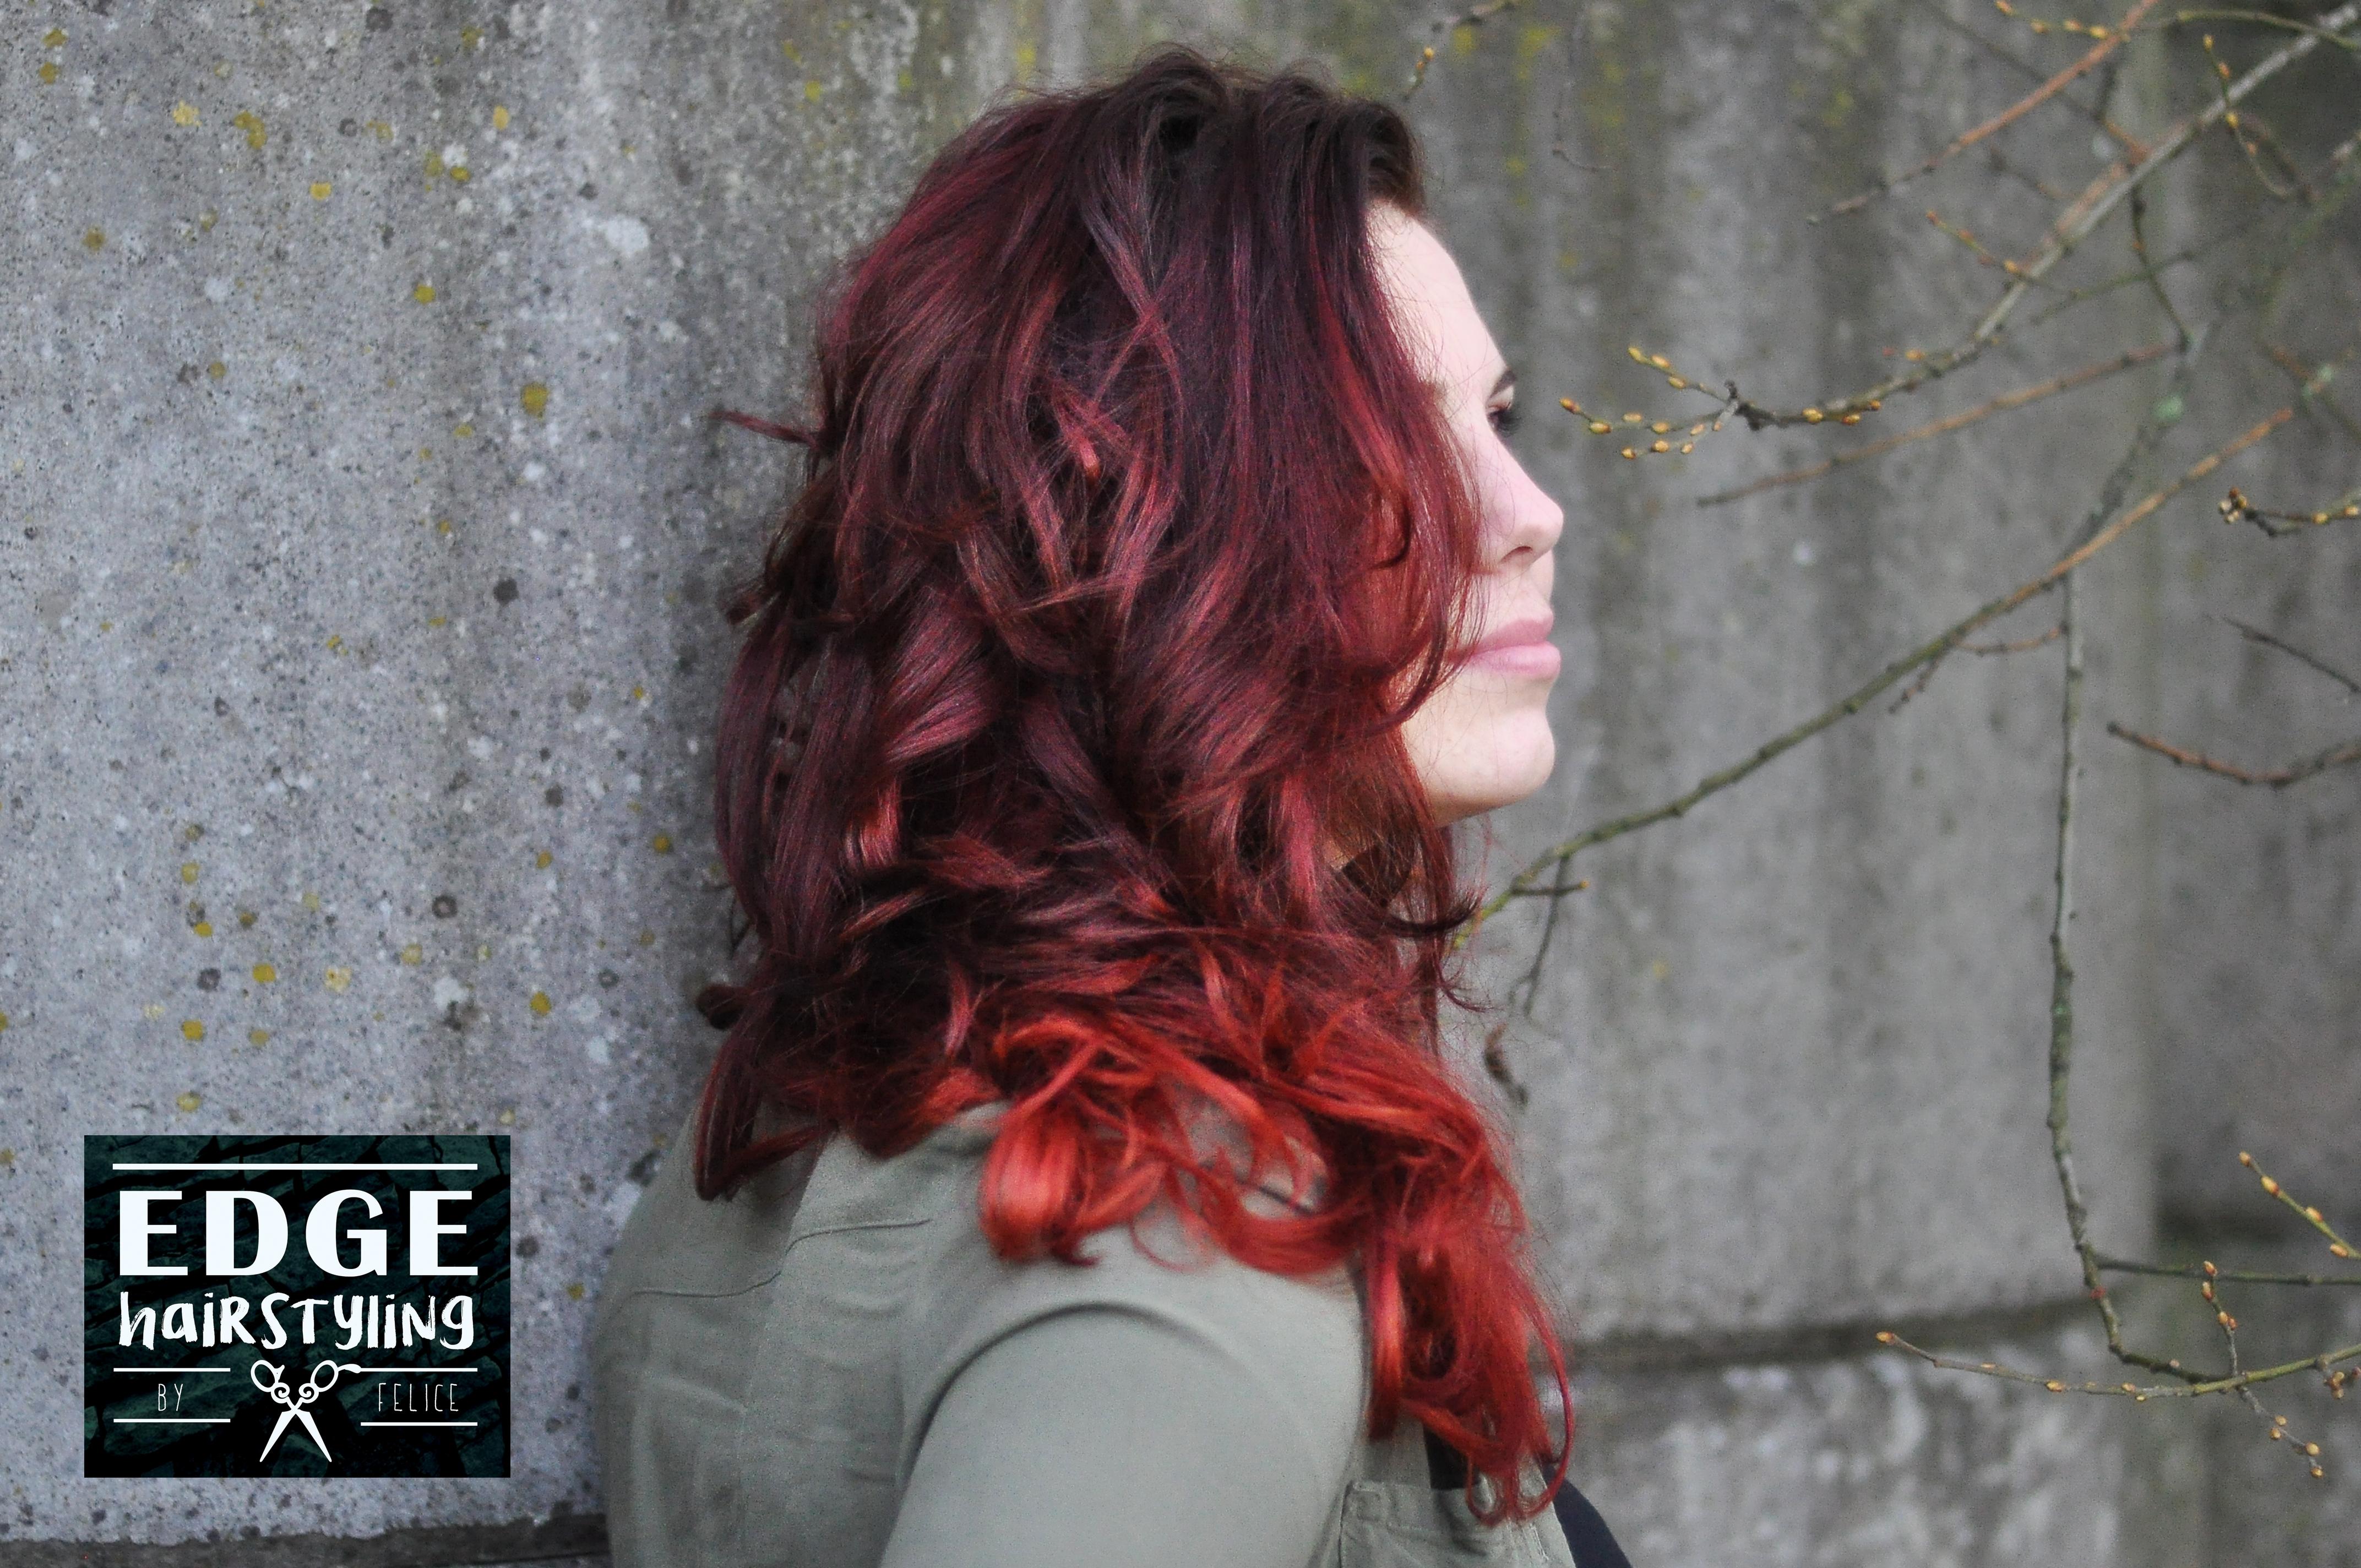 luna-red-hair-edge